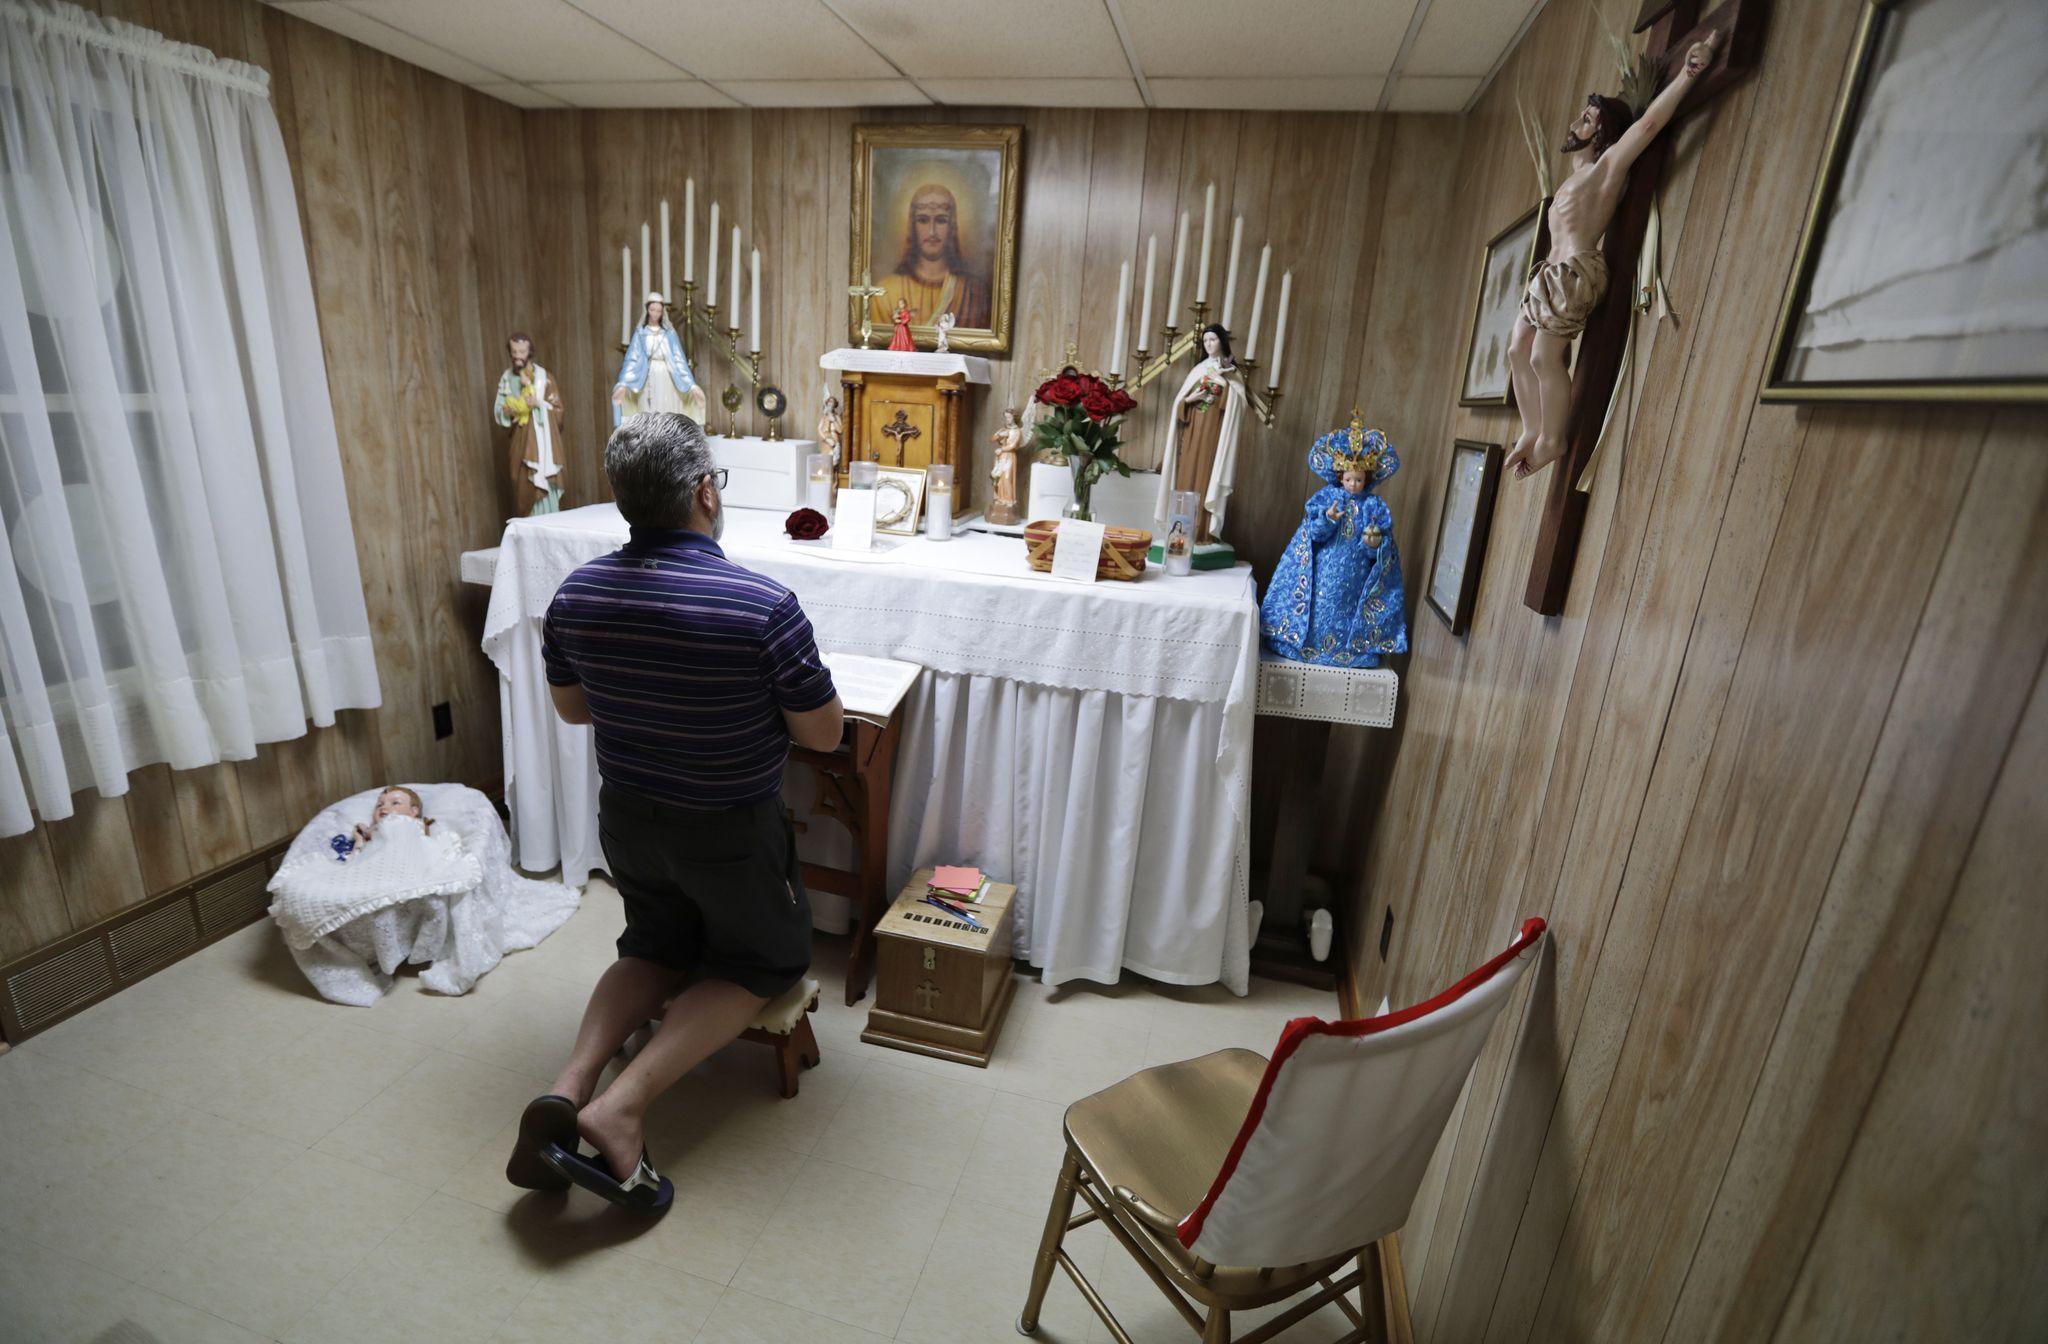 Ohio 'miracle house' draws pilgrims amid sainthood push